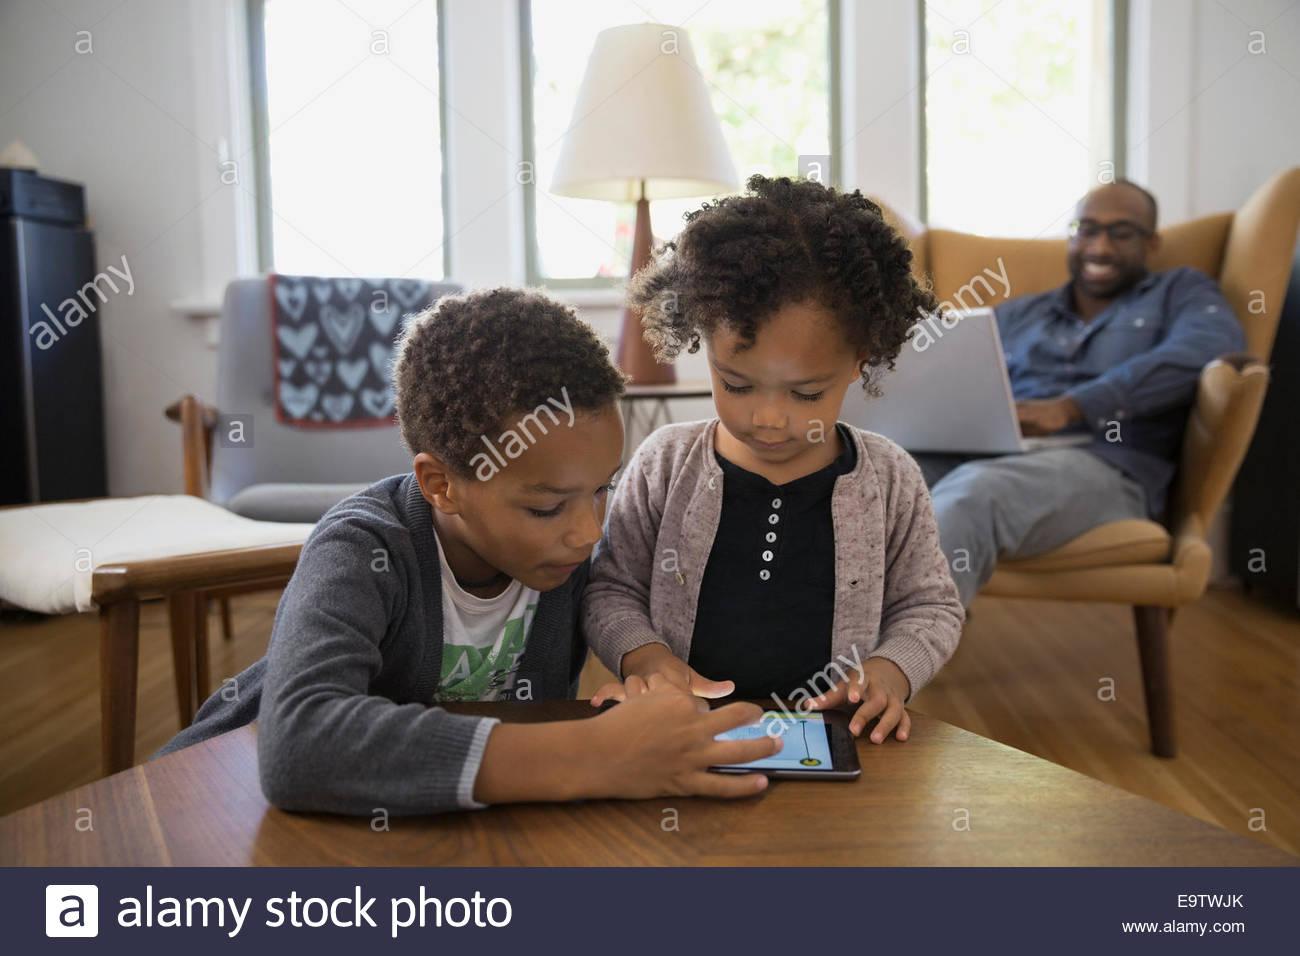 Fratello e Sorella di condivisione digitale compressa Immagini Stock